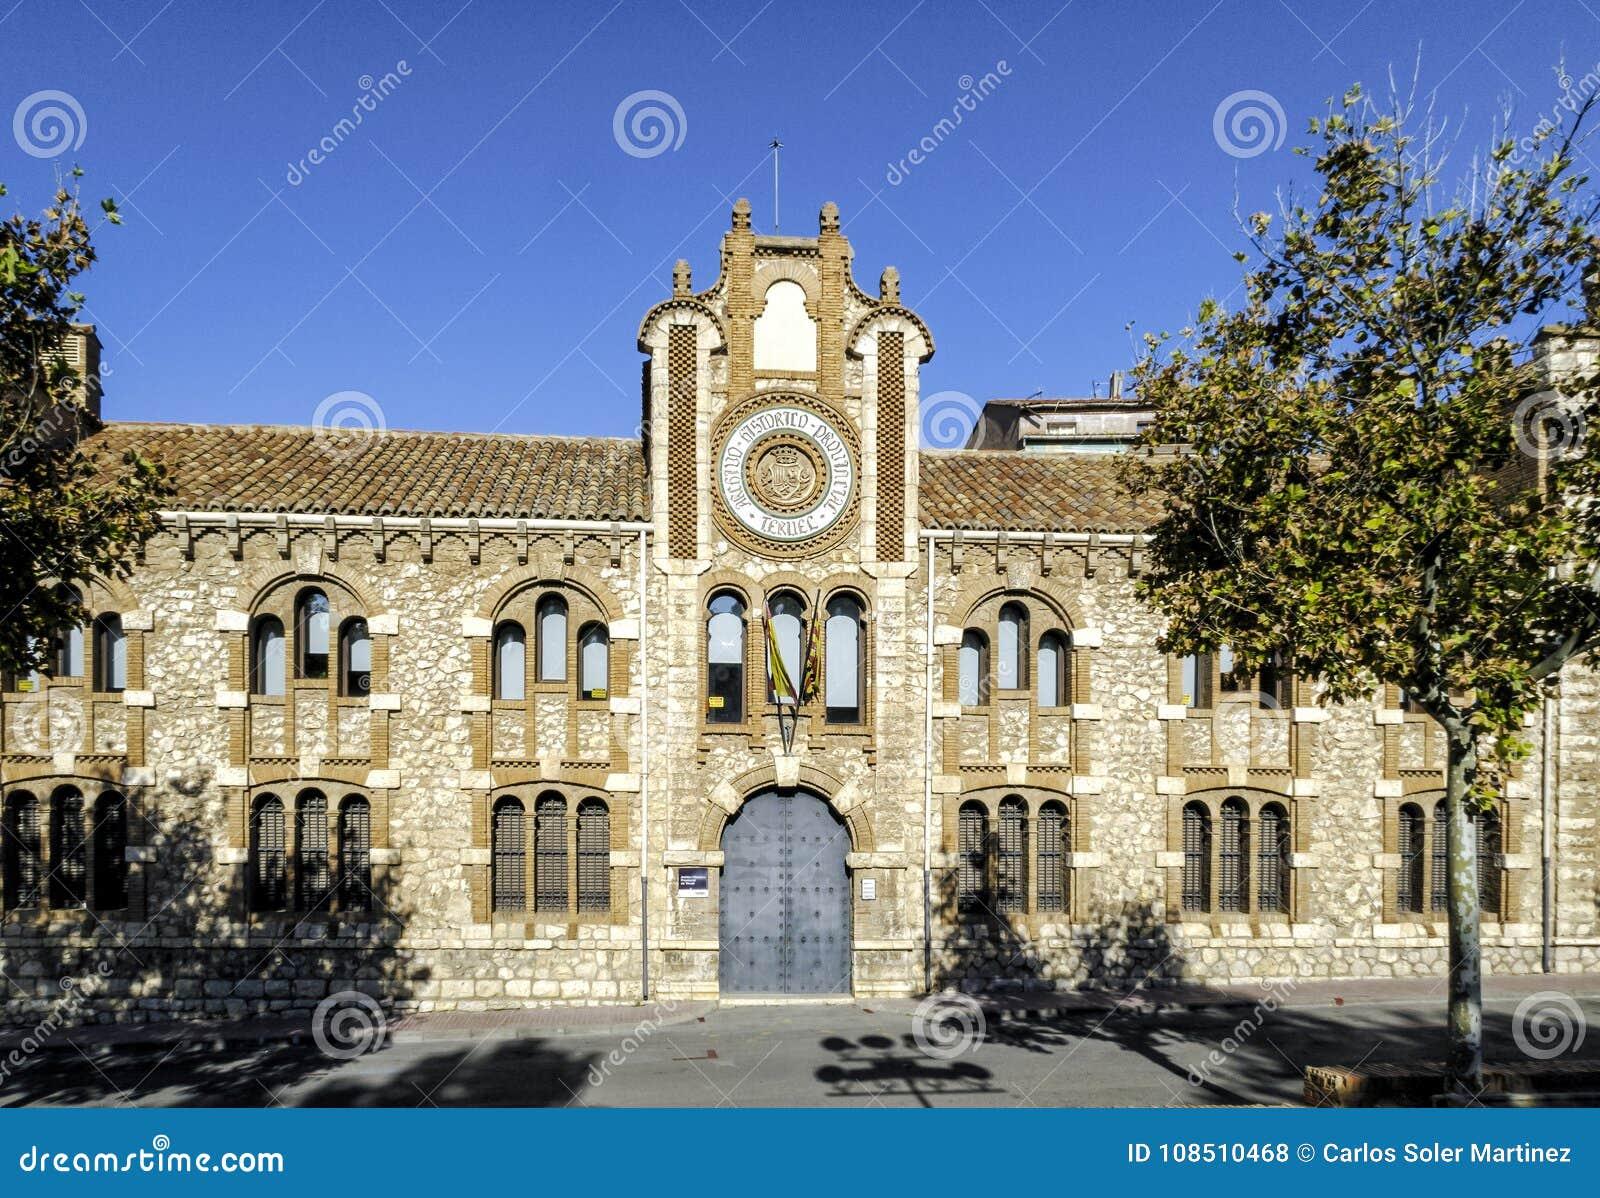 Provinciaal Historisch Archief van Teruel spanje